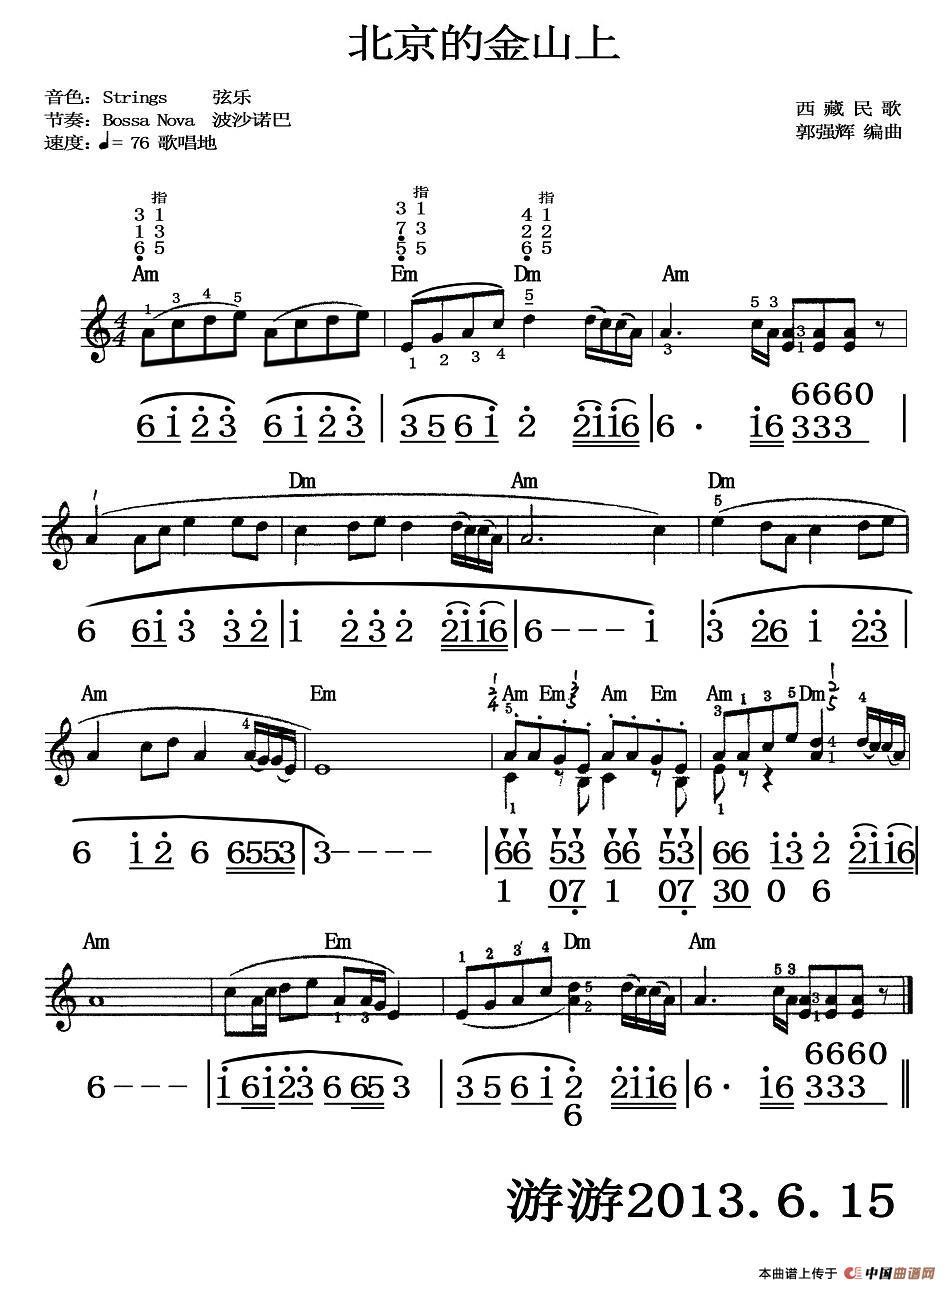 北京的金山上电子琴谱 器乐乐谱 中国曲谱网